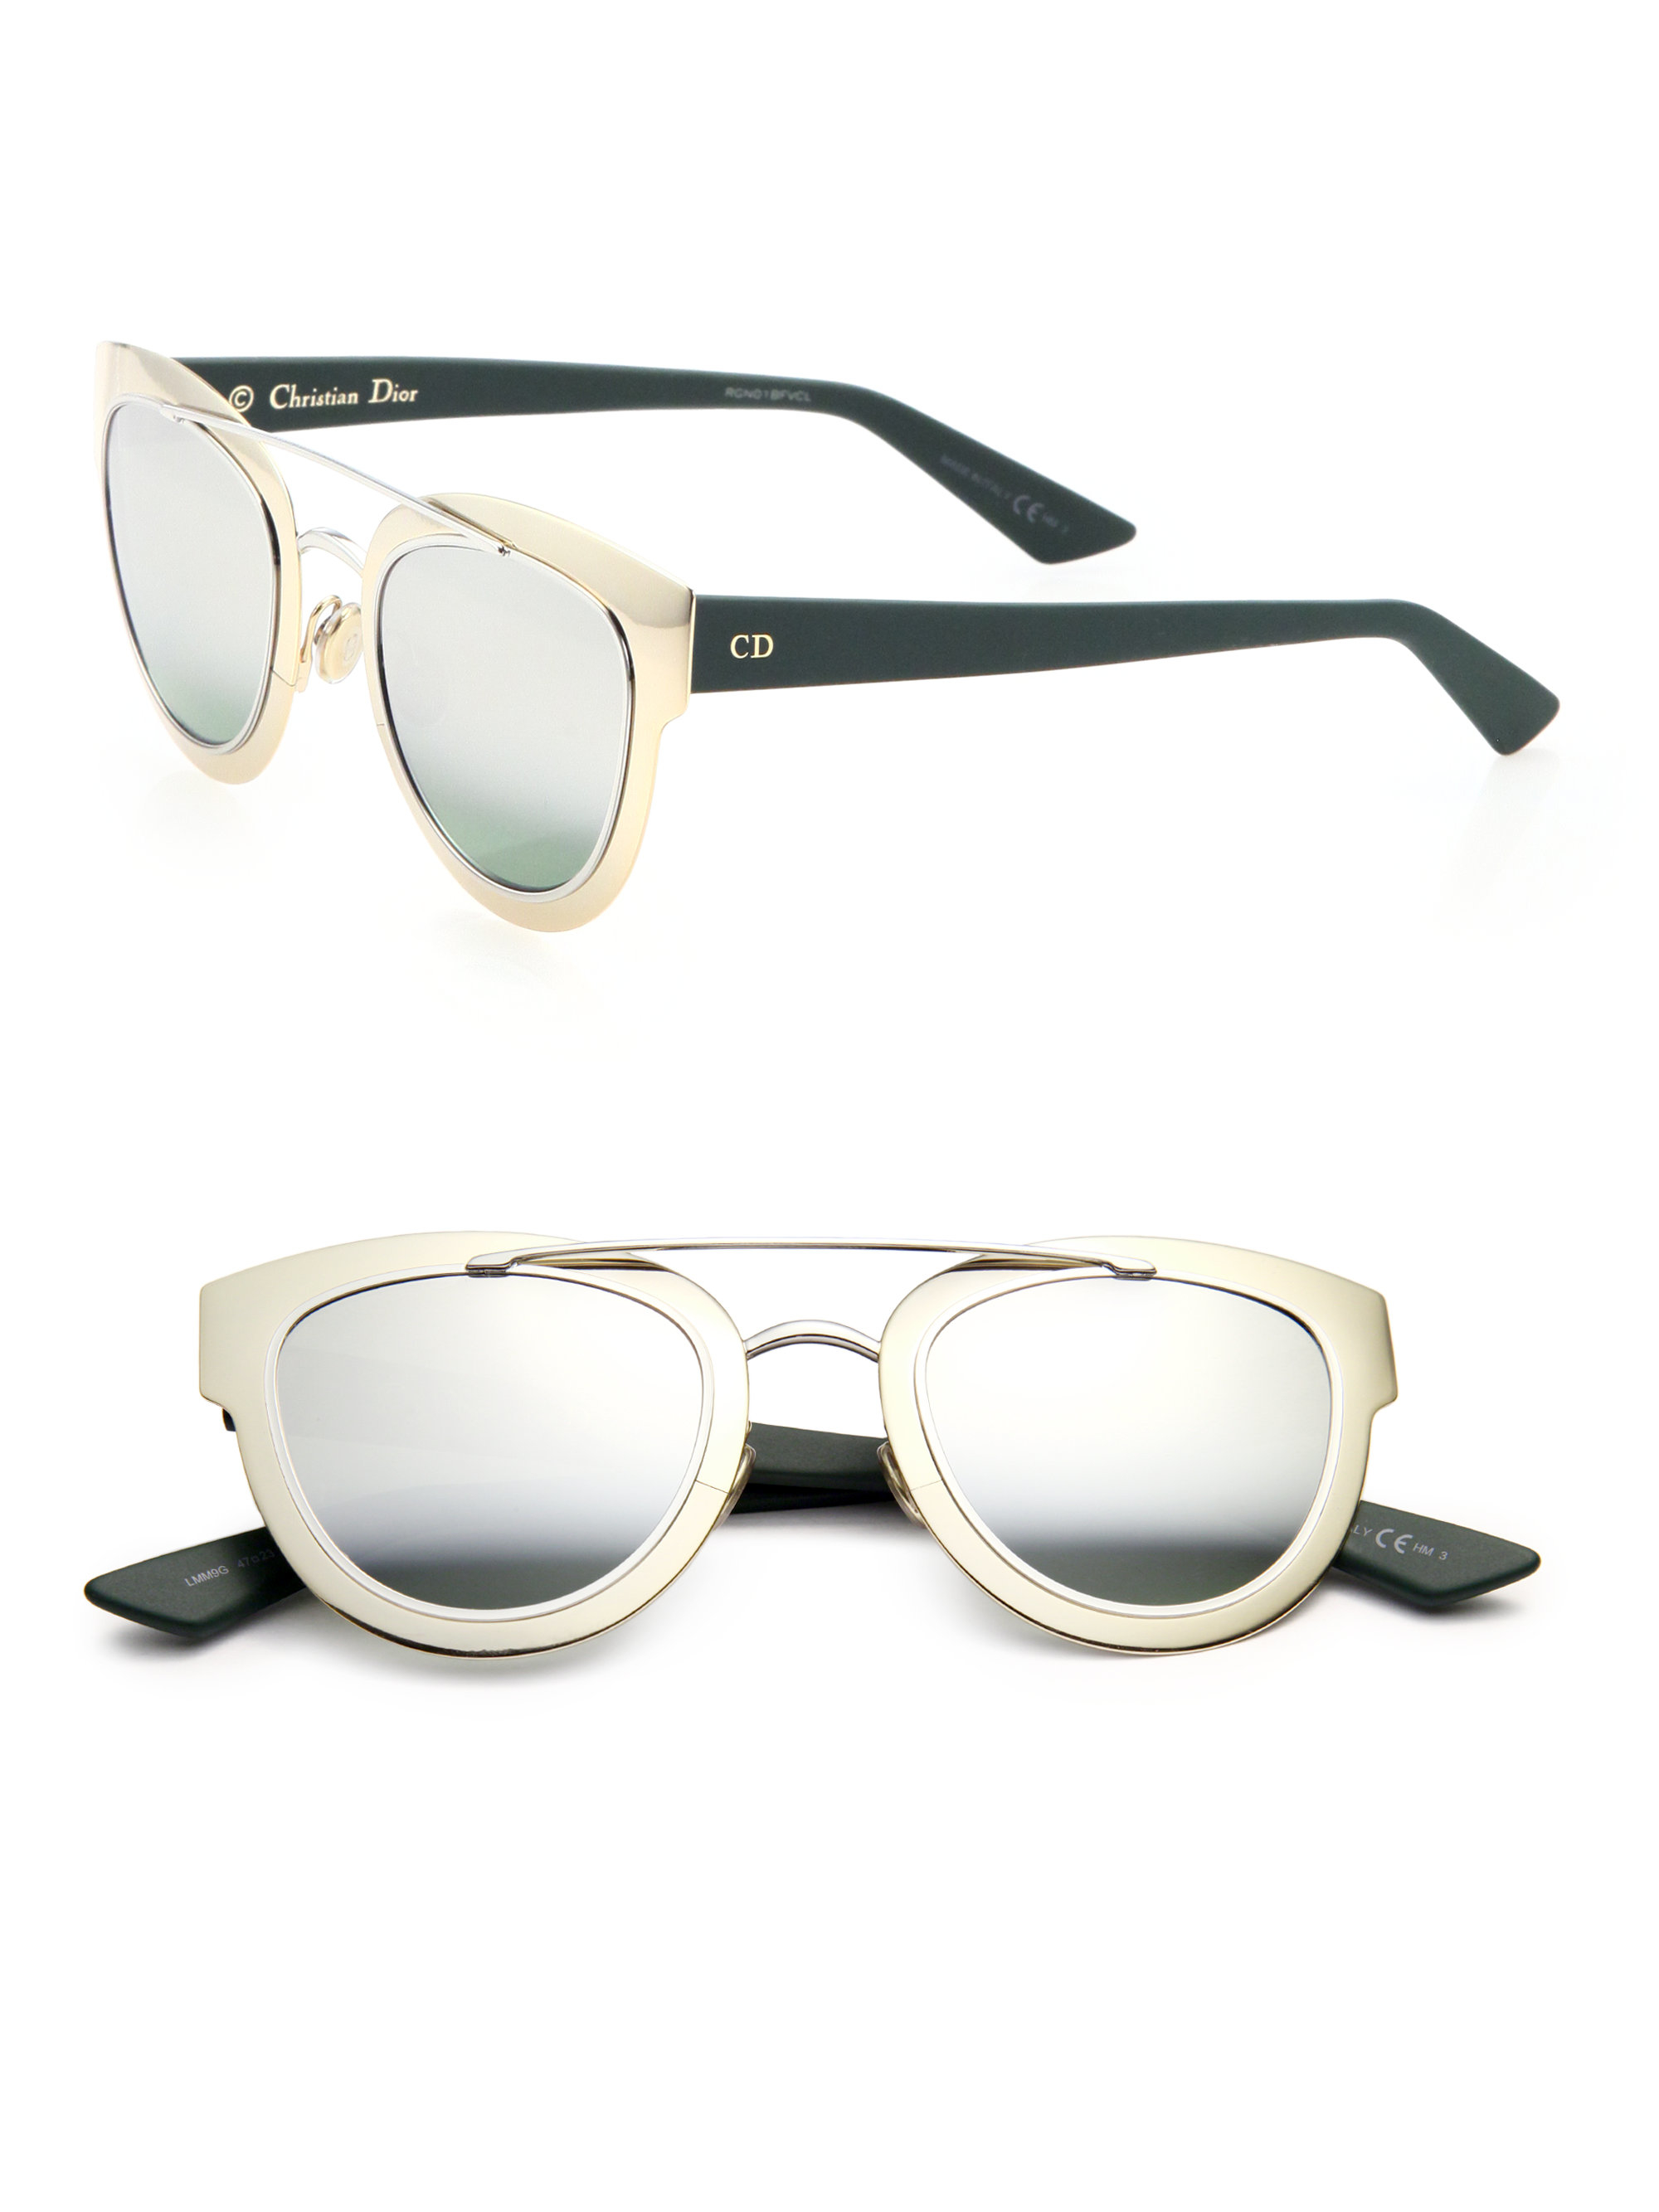 Luksuzna božična darila: Dior Chromic 47MM Cat's-Eye Sunglasses